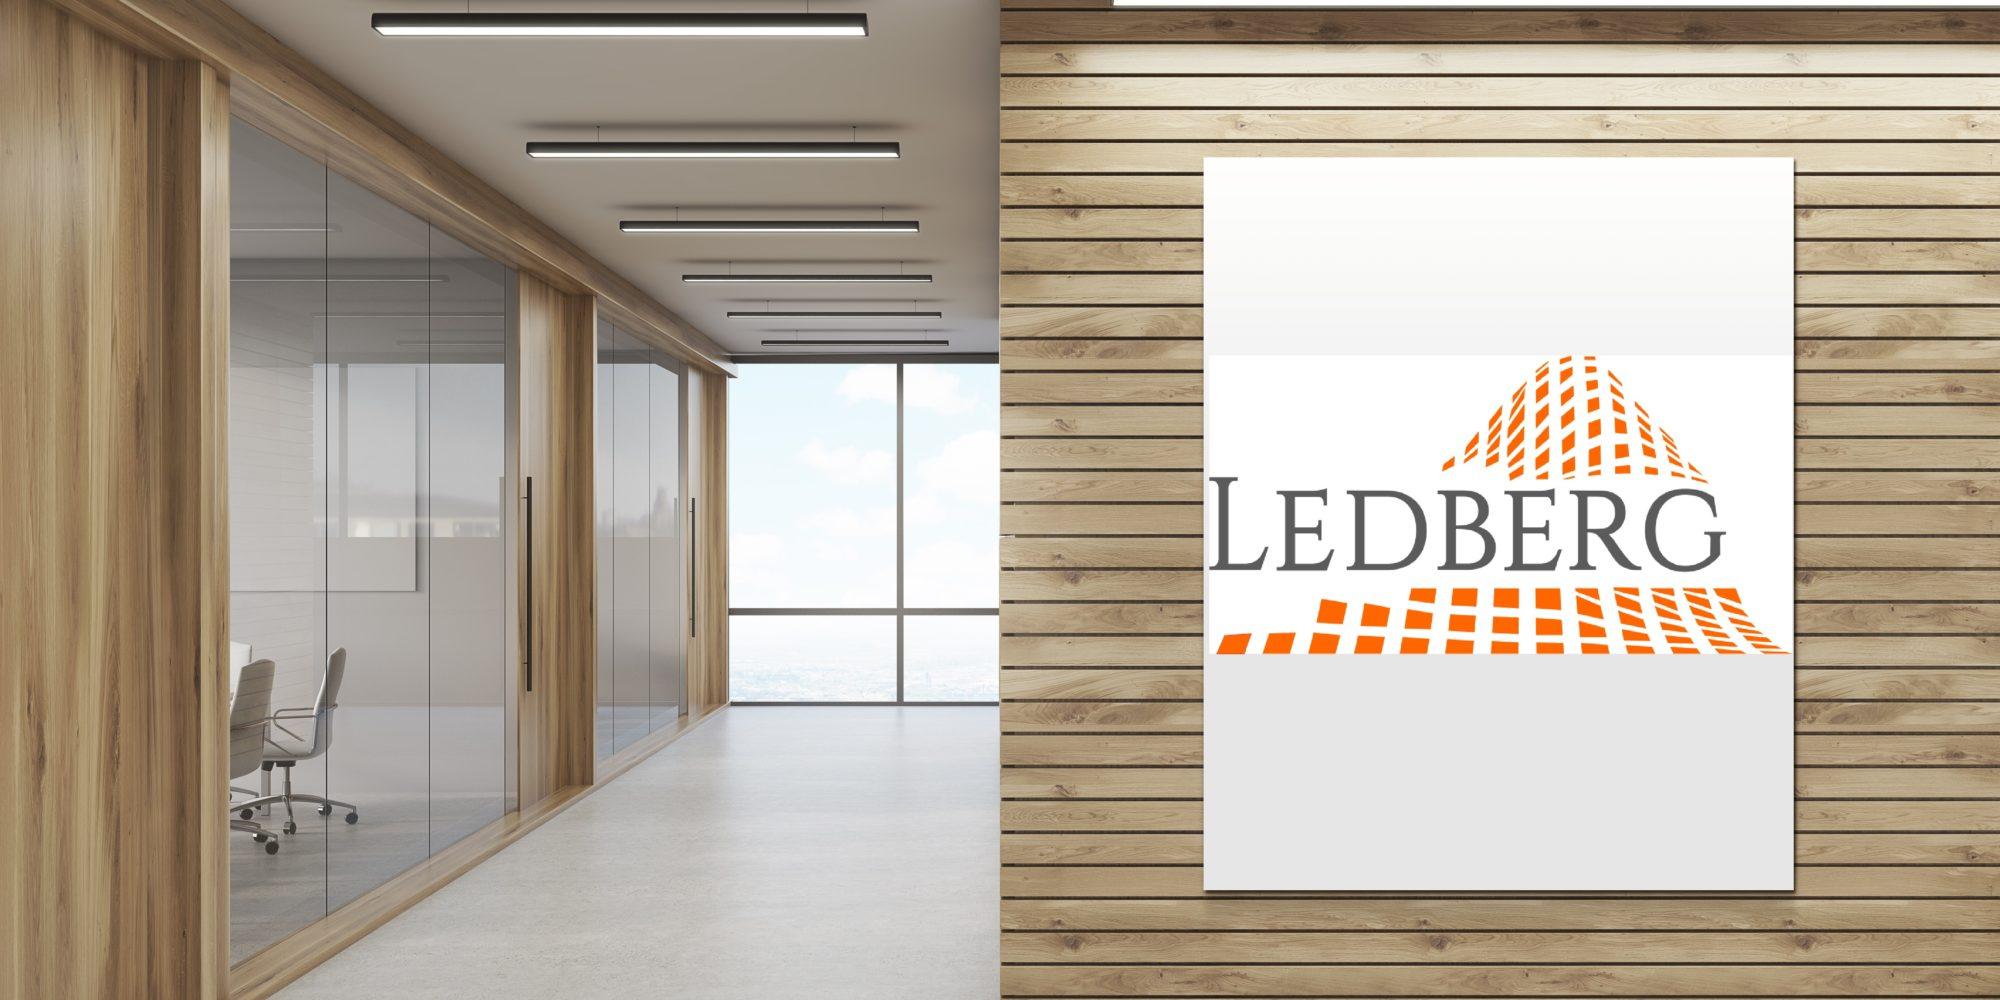 Der Ledberg BeleuchtungLampenLeuchten Der Hersteller Hersteller Led wknO80P